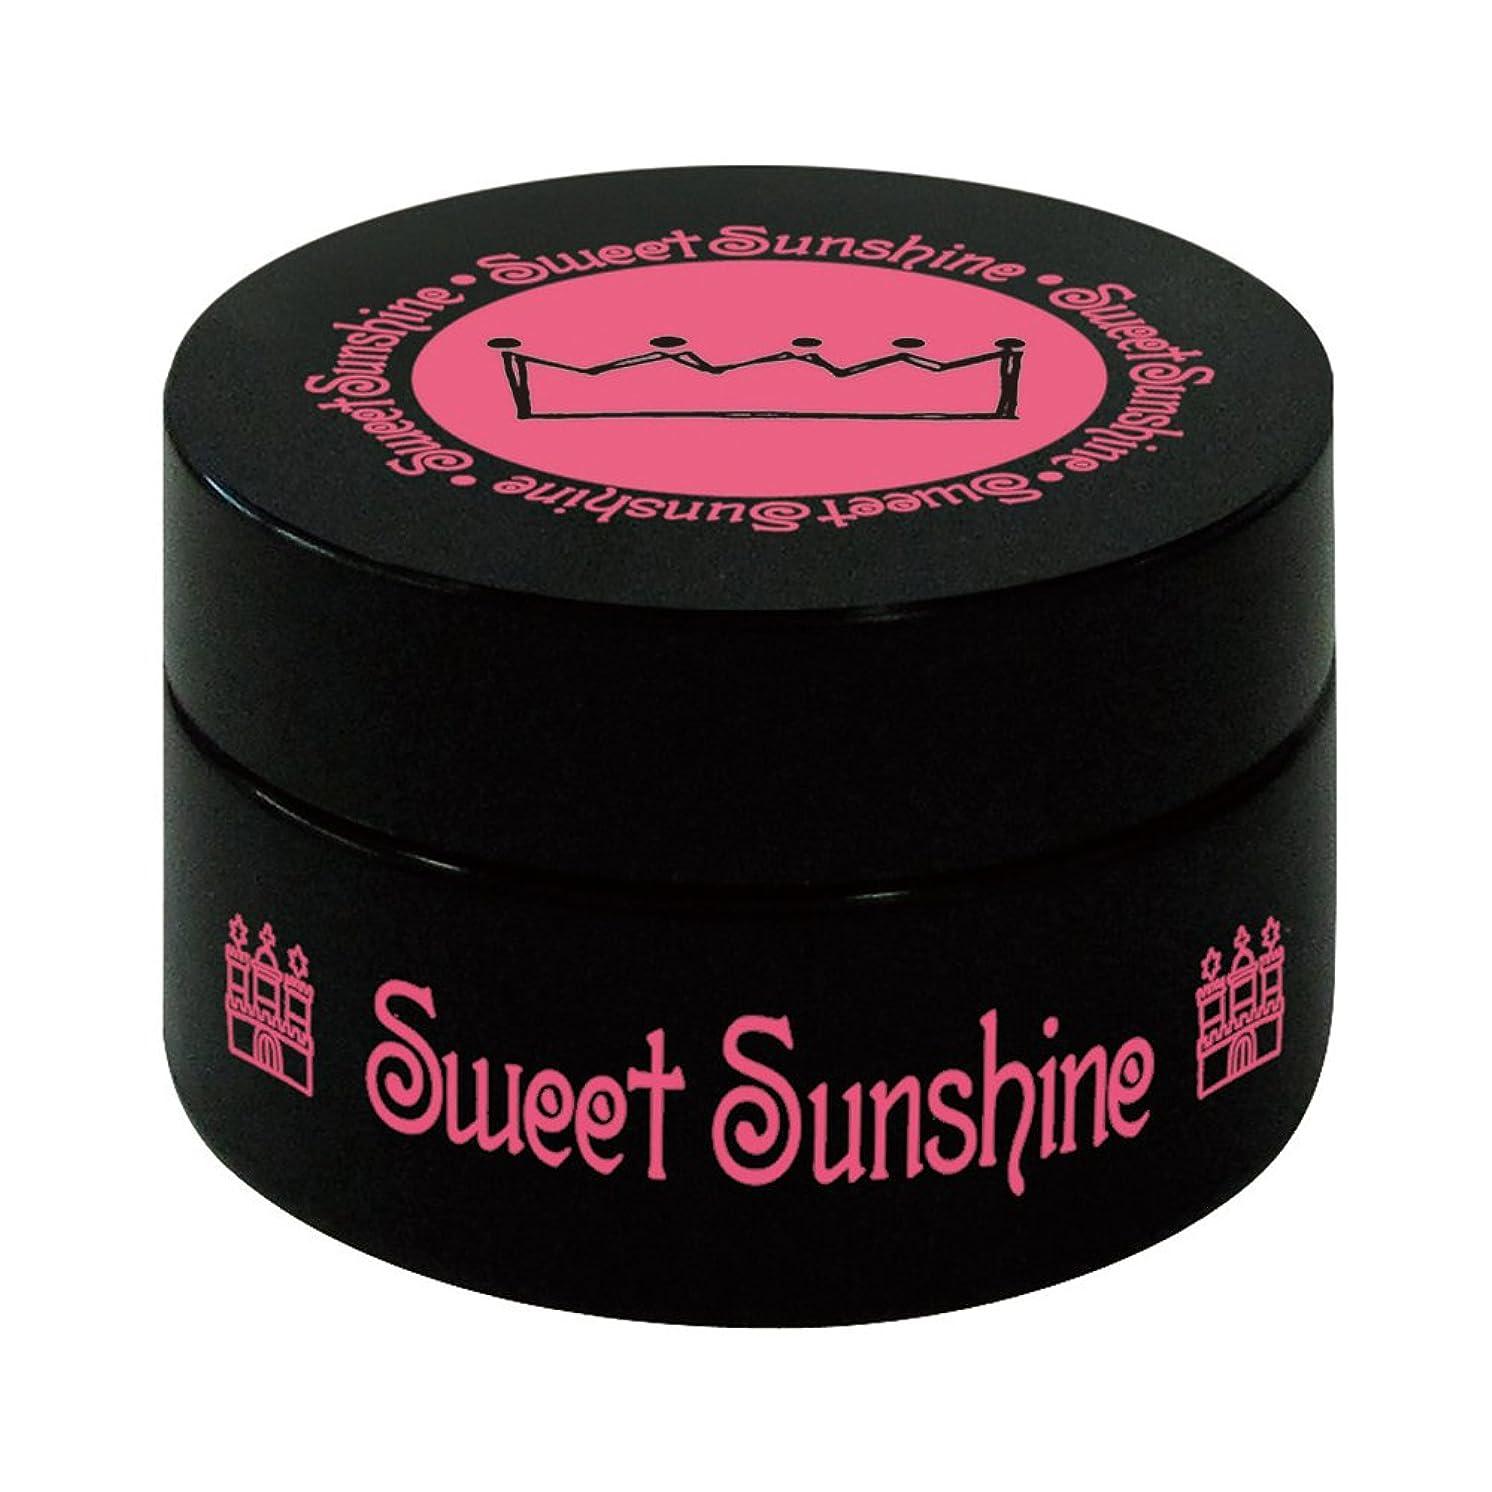 喜びスナップどきどき最速硬化LED対応 Sweet Sunshine スィート サンシャイン カラージェル SC-19 4g サテンシルバー